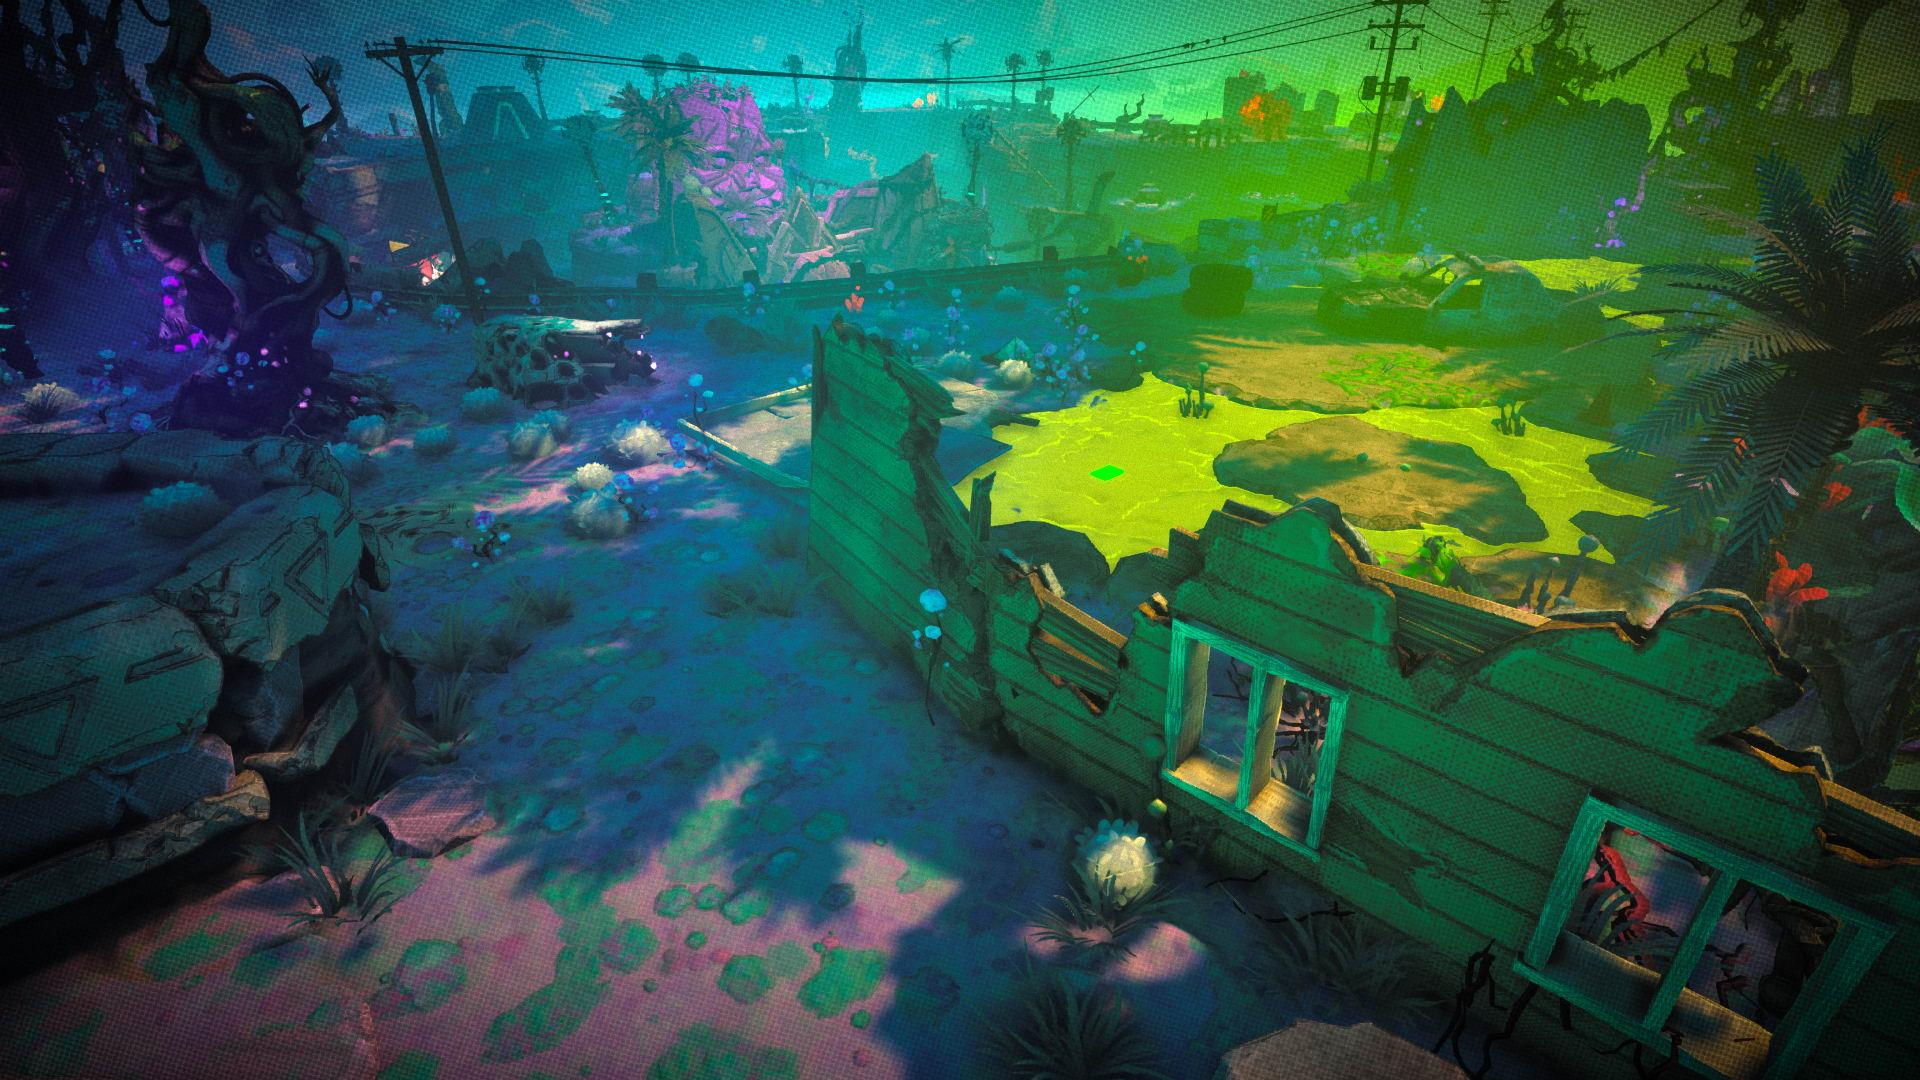 万代动作游戏《RAD》新截图 狂怒与无主之地合体